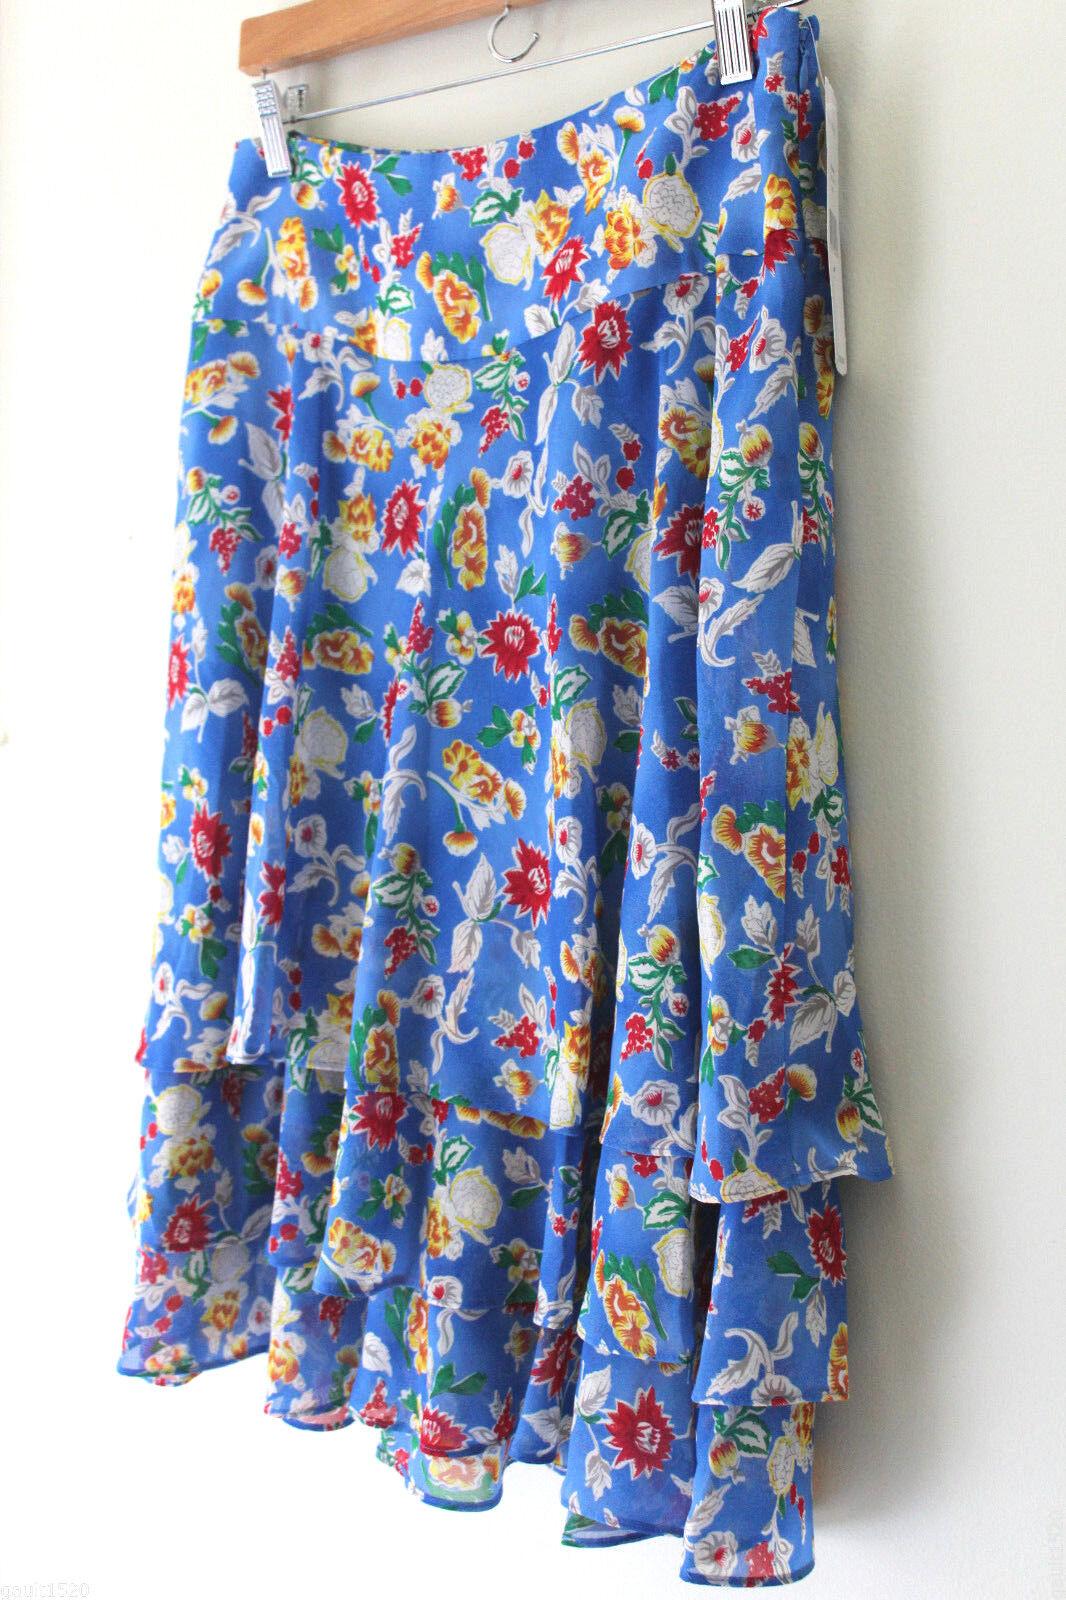 NWT LAUREN Ralph Lauren bluee Multi Floral Tiered Ruffled A-Line Skirt 6  129